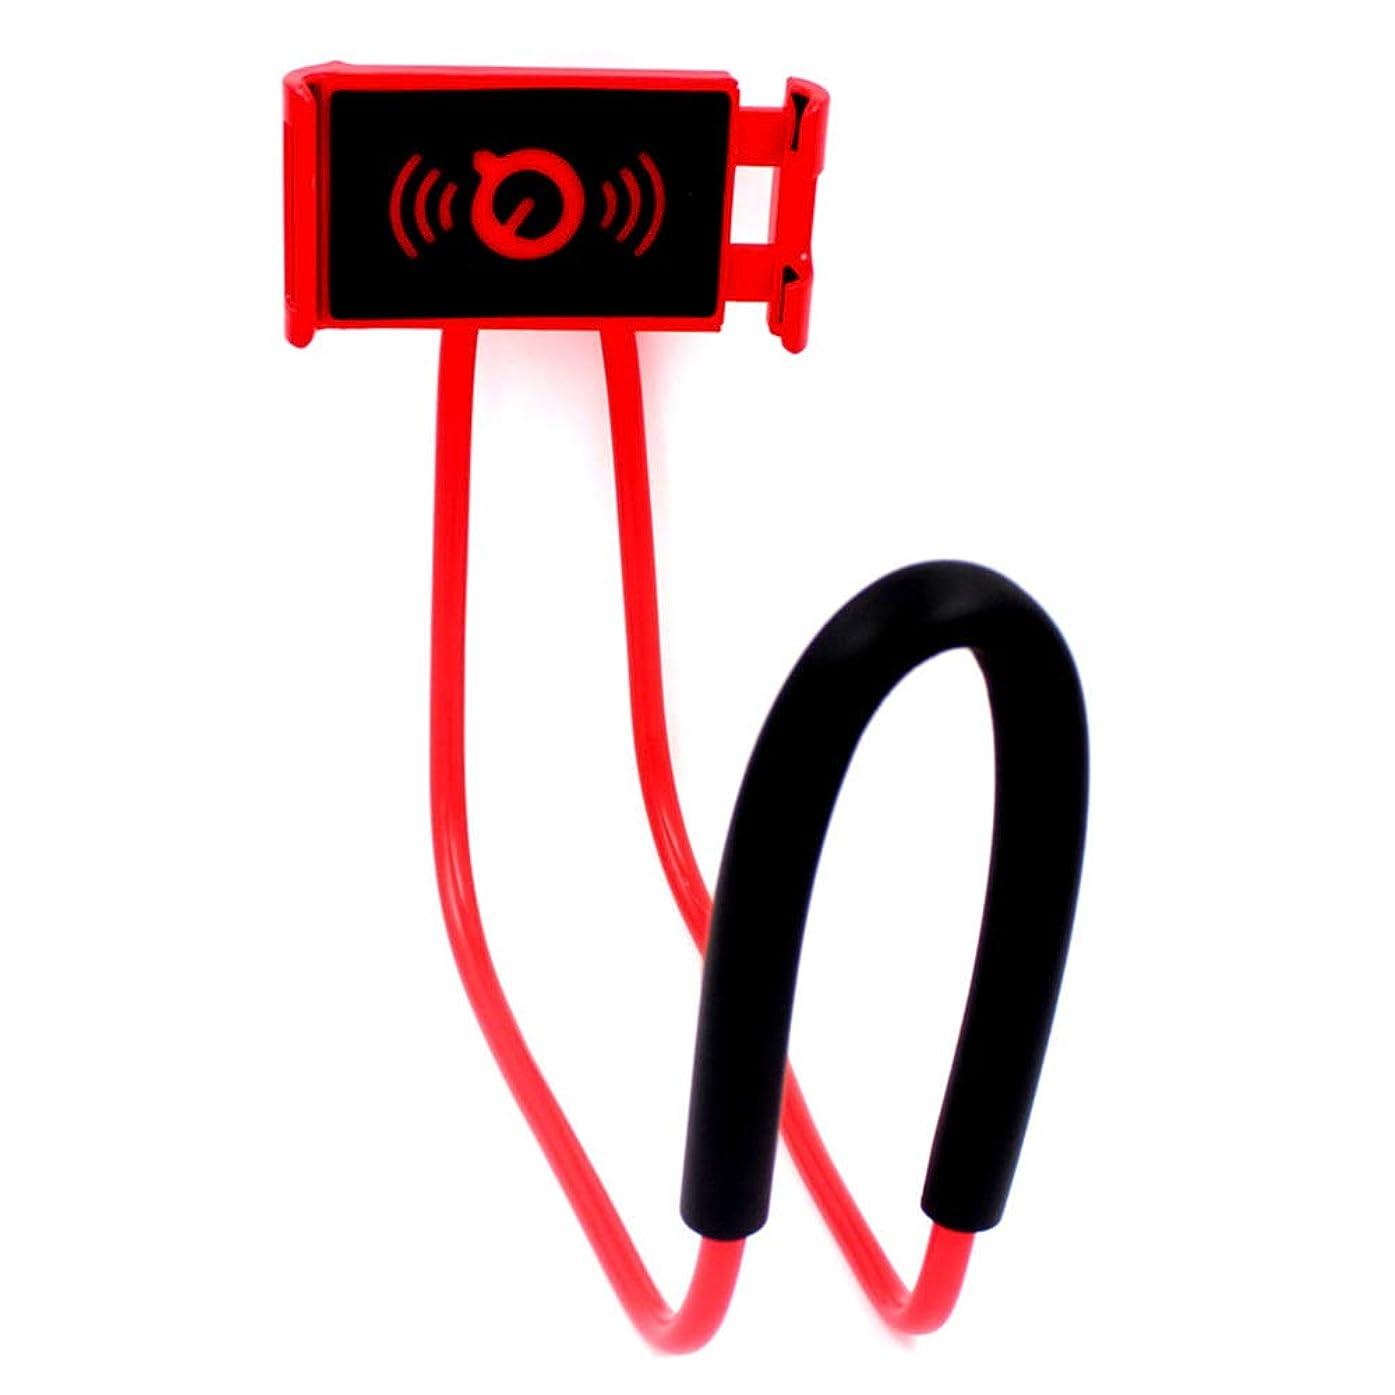 気を散らすゴシップエールハンギングネック電話、ハンズフリーネックスタンド、360°回転のレイジーブラケット、電話ネックホルダー、複数の使用方法を備えたレイジー電話ホルダー,赤